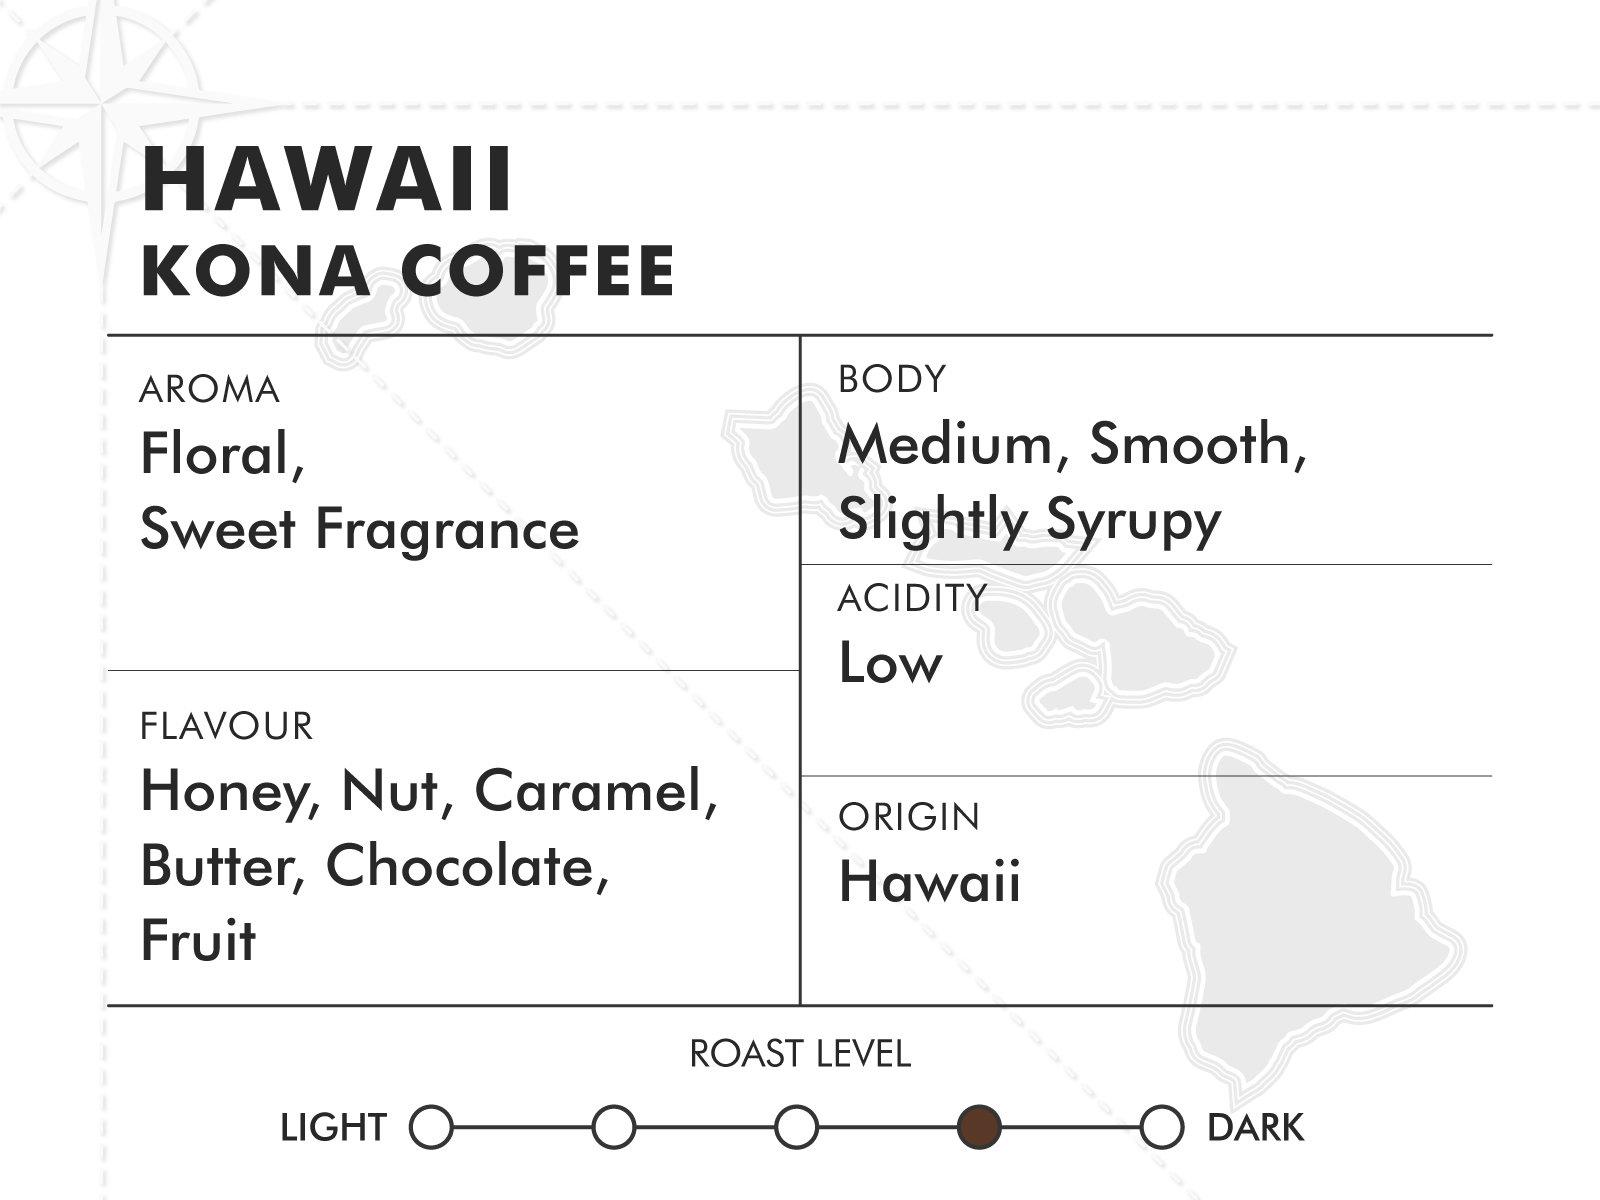 Hawaii Kona Coffee